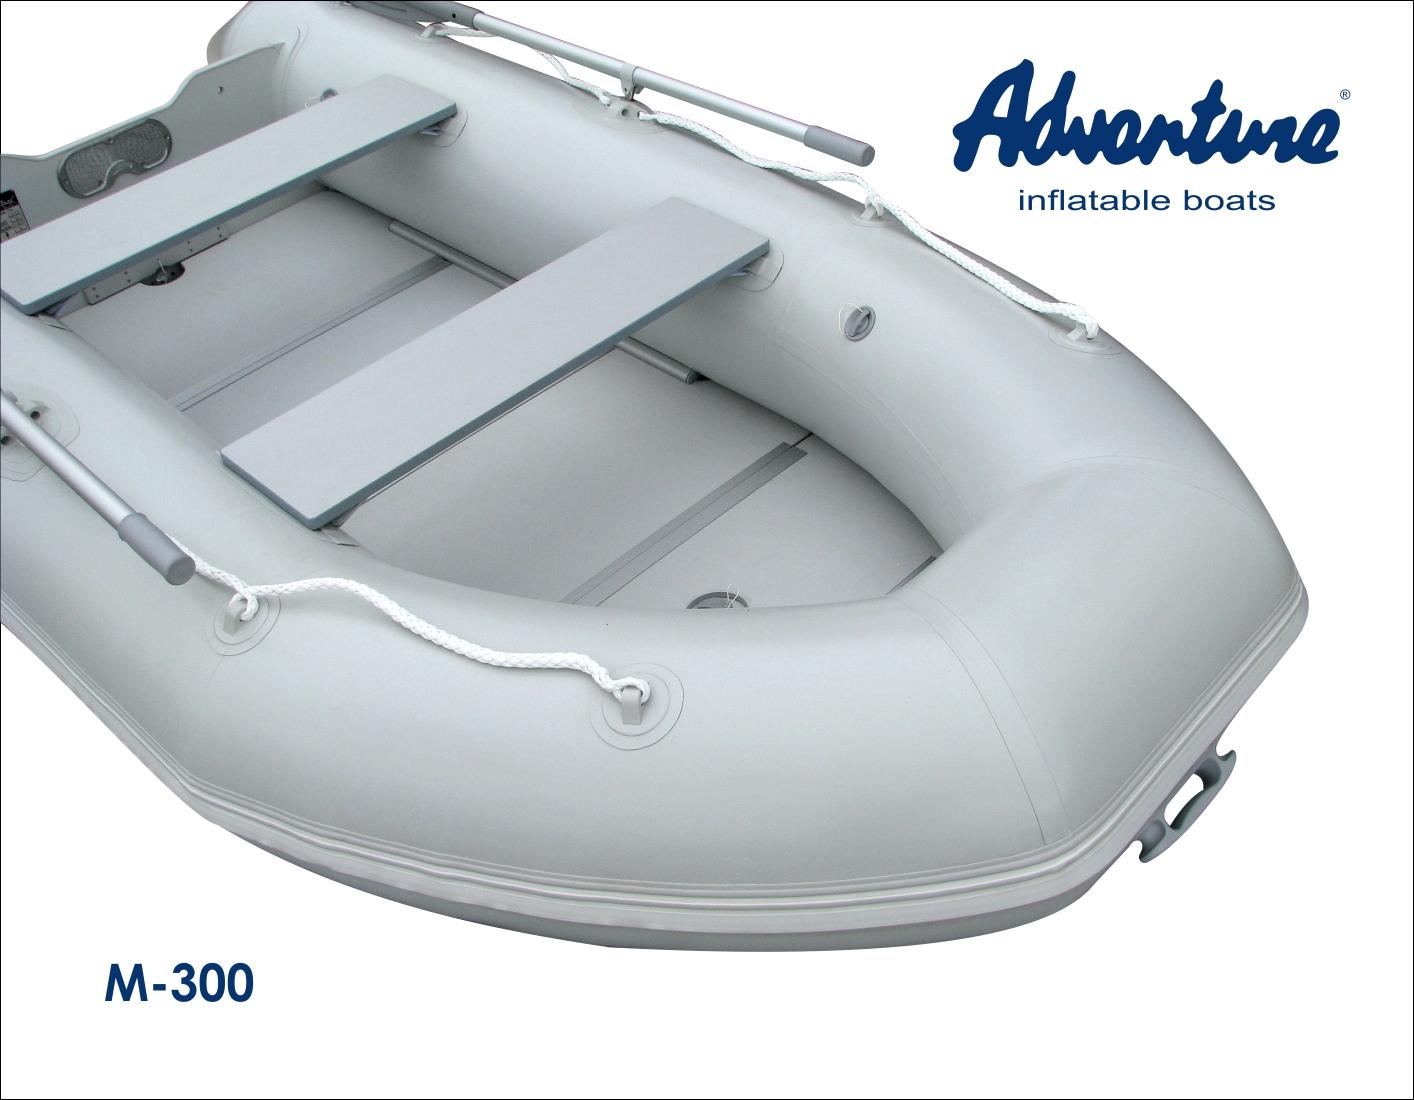 Nafukovací člun Adventure M-300 nabízí bezkonkurenční jízdní vlastnosti ve své třídě